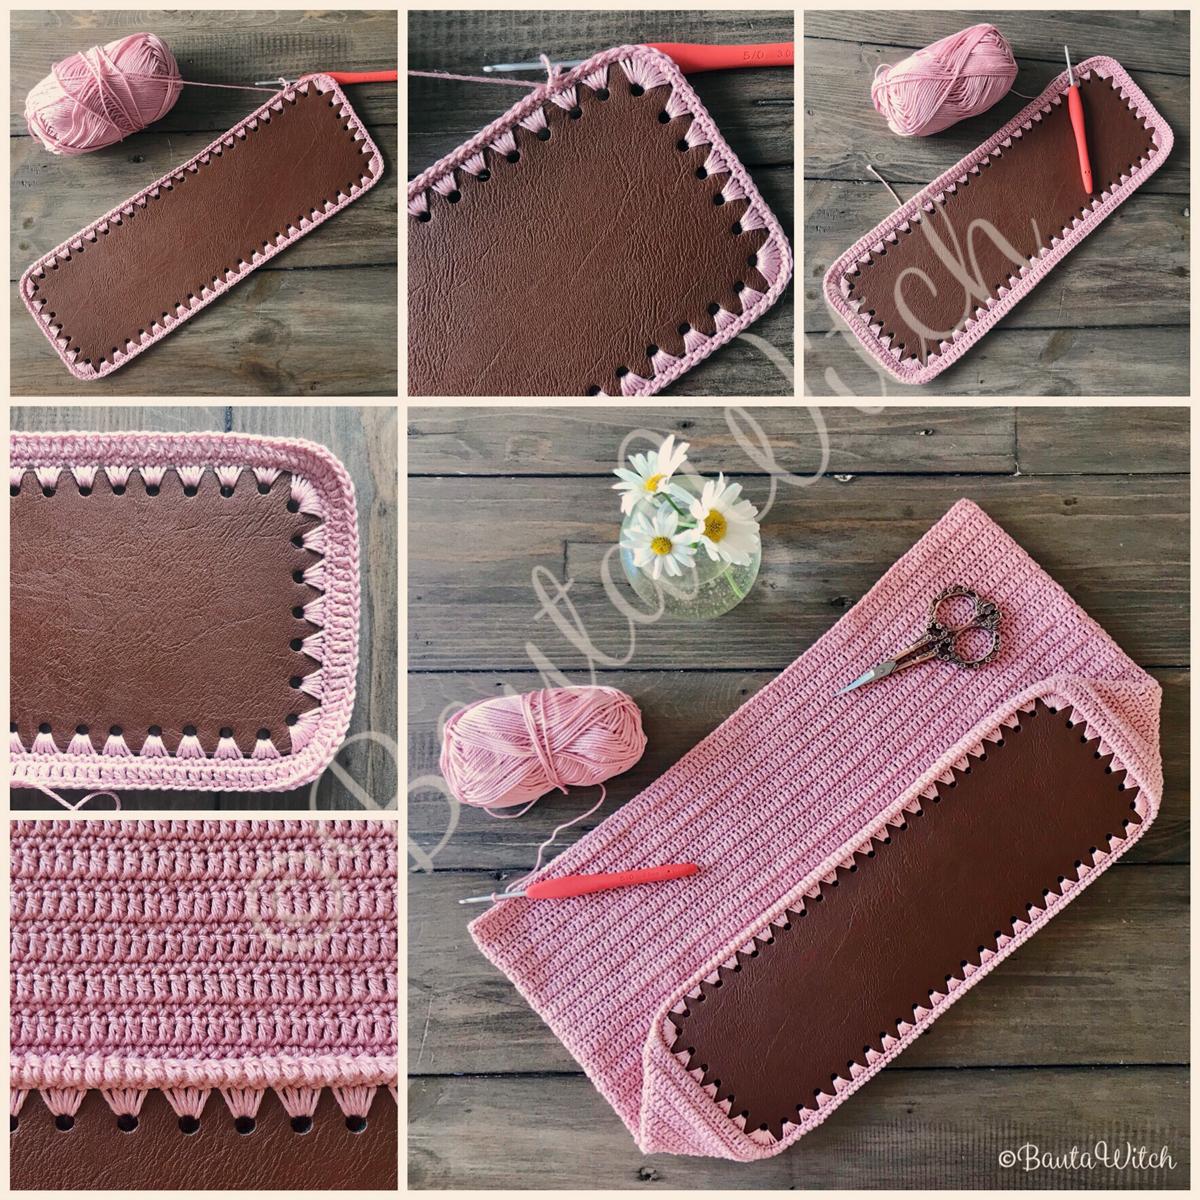 Rosa-väska-by-BautaWitch-väskbotten-del2